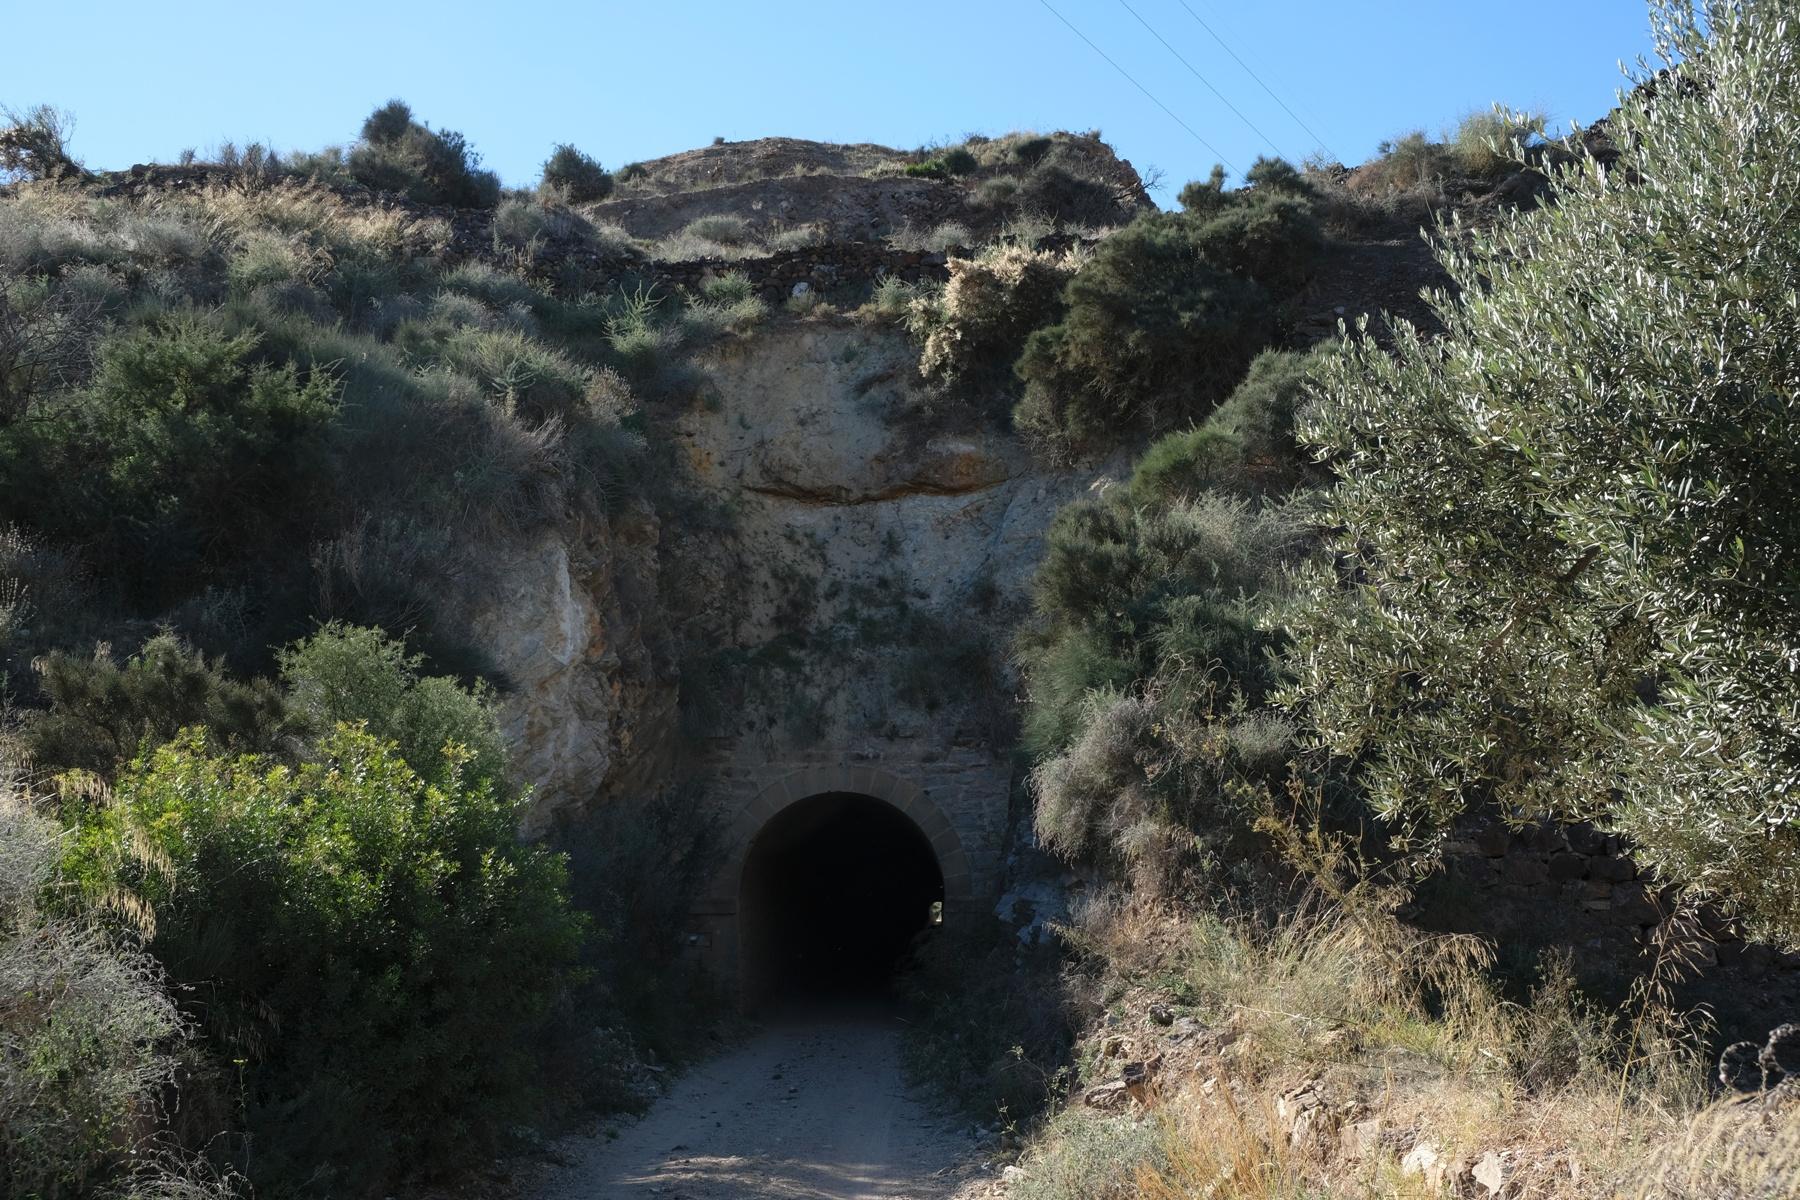 Túnel del Servalico camino de las minas de Bédar © Paco Bonilla